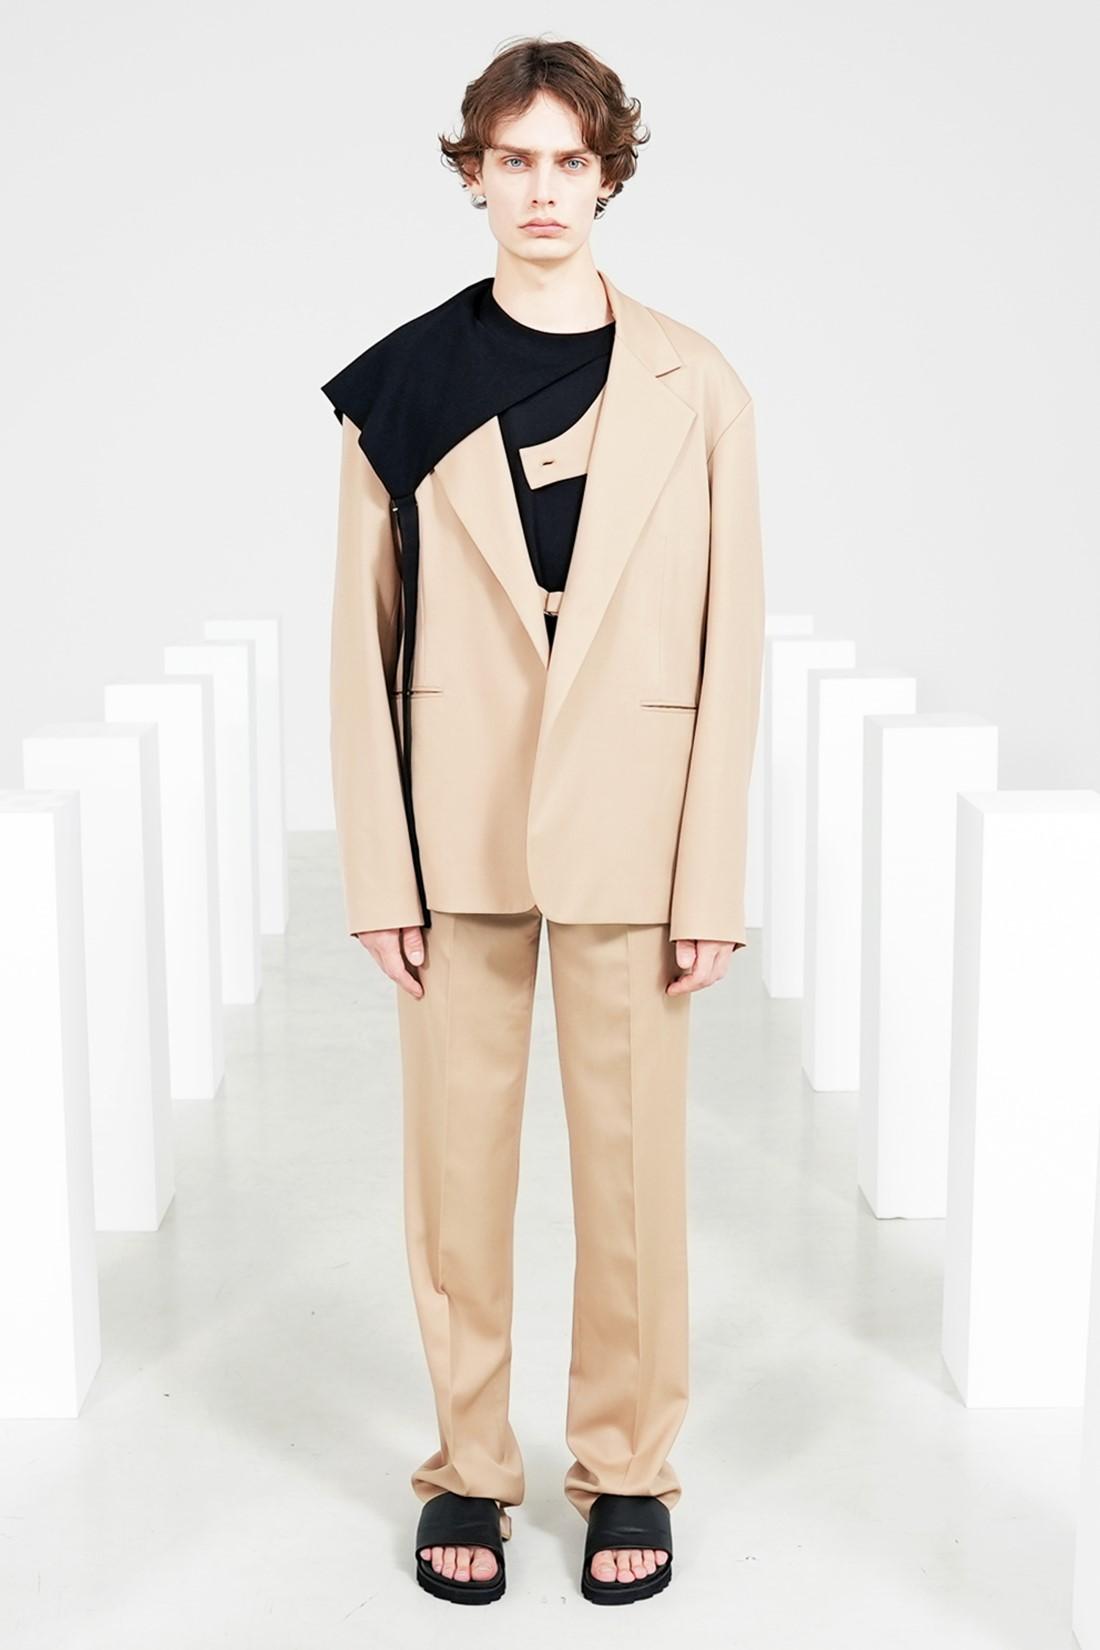 Sartograph - Printemps-Été 2022 - Tokyo Fashion Week